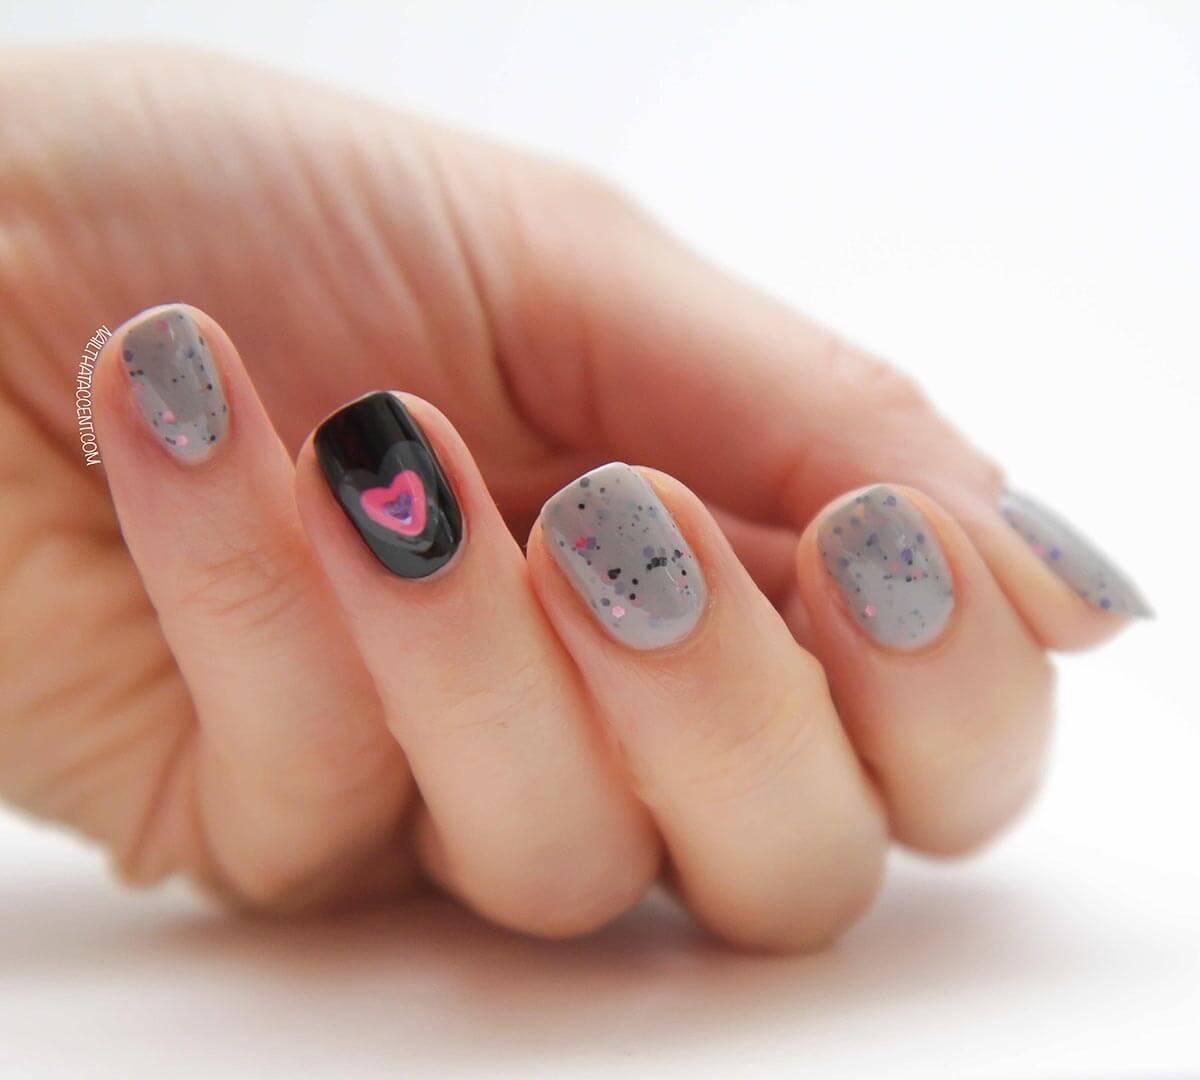 Ongles d'amour Ongles de la Saint-Valentin (13)